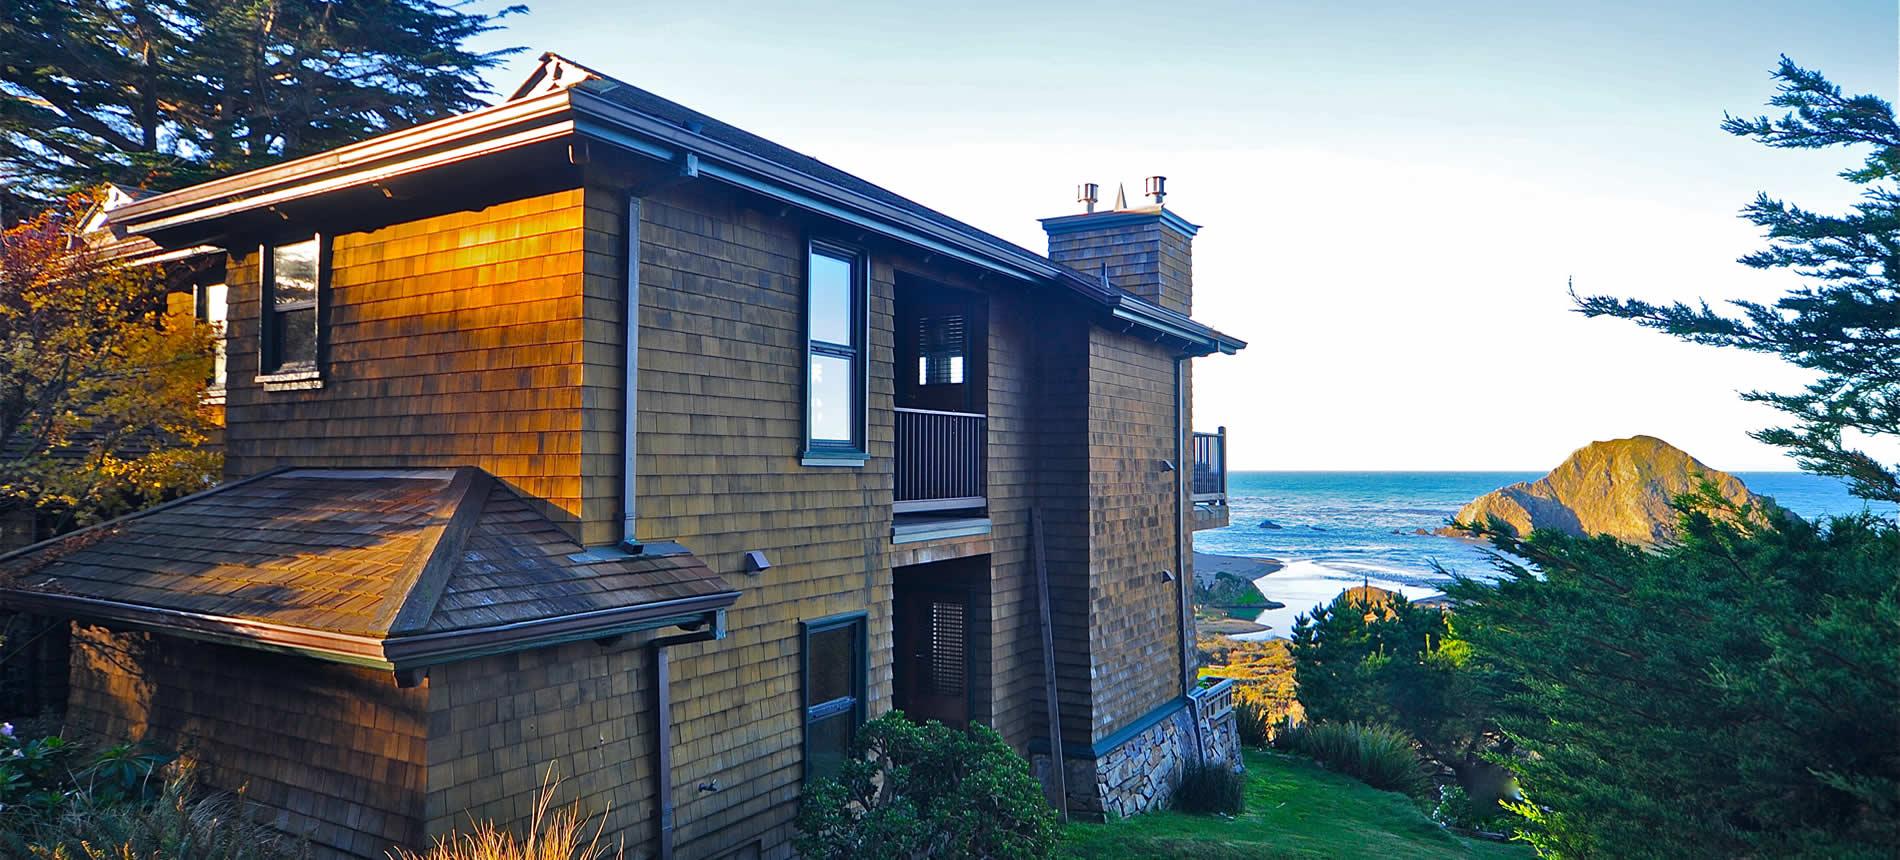 mendocino coast oceanfront suites